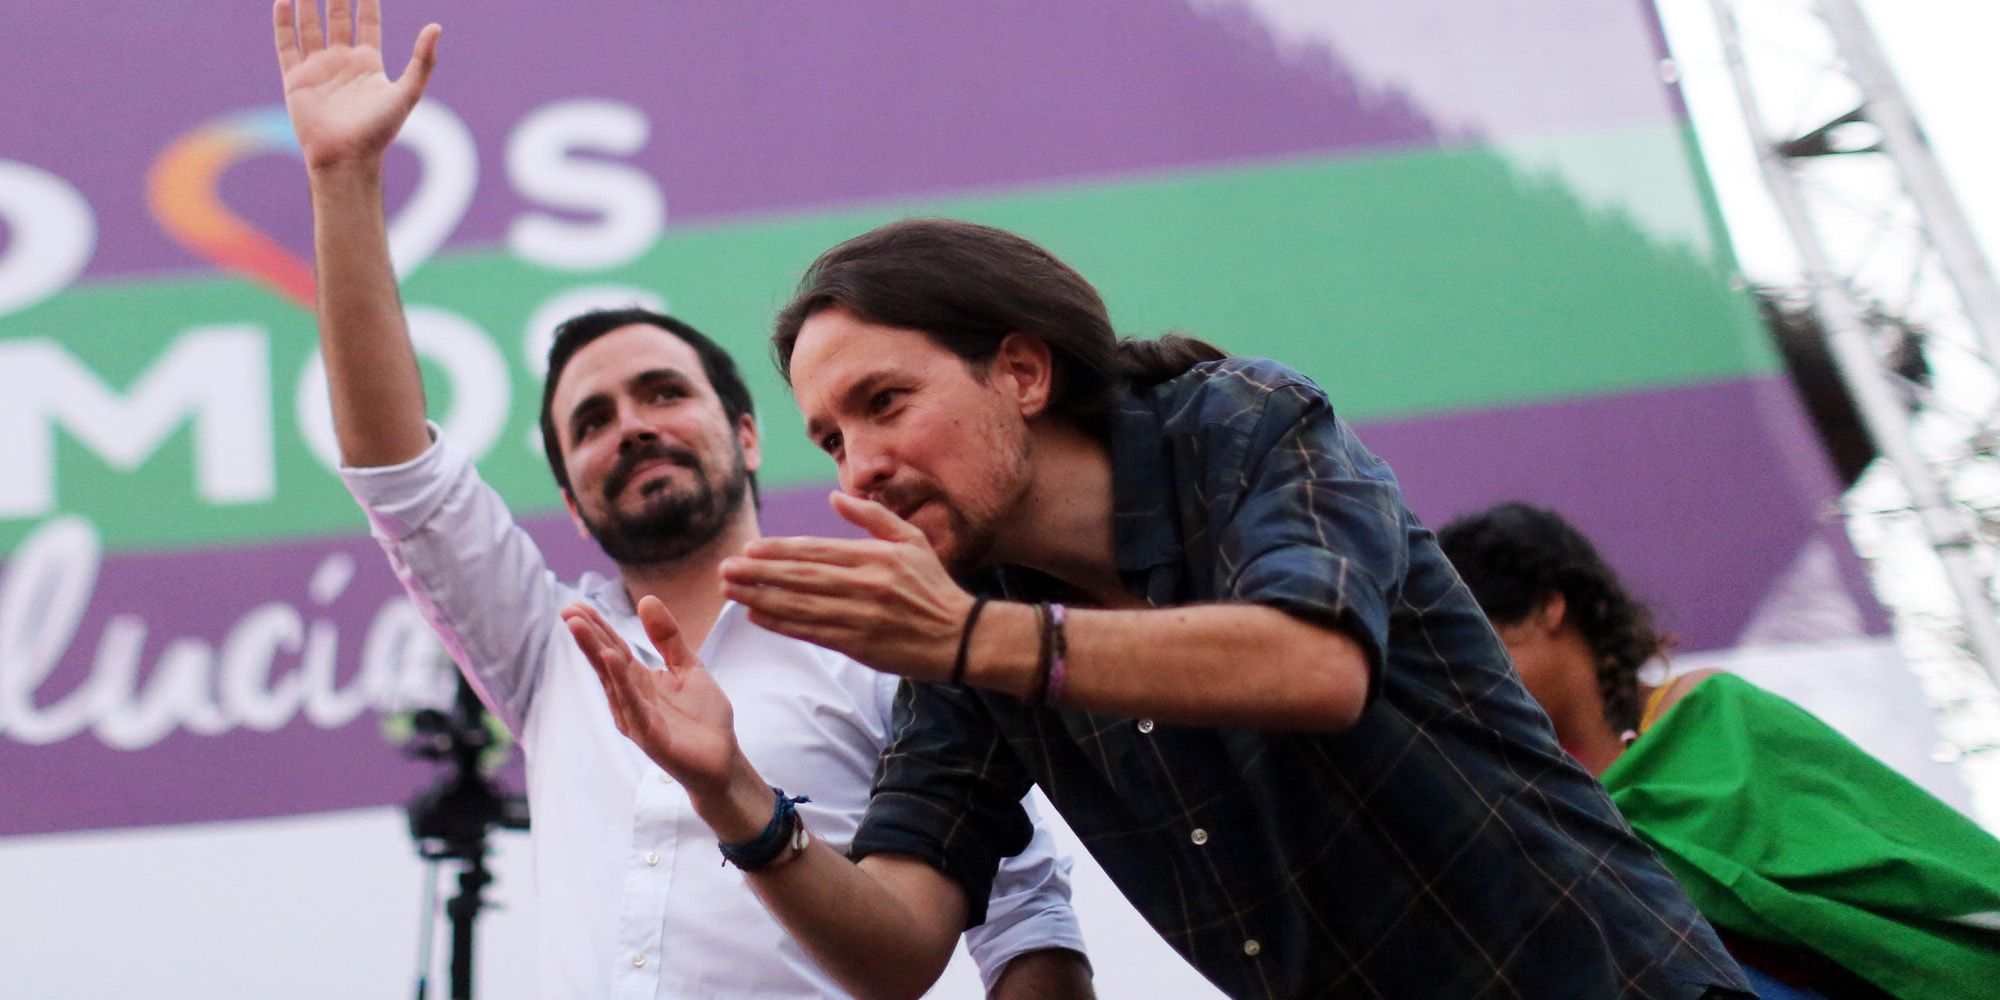 Pablo Iglesias en mitin de Unidos Podemos en la Alameda Vieja de Jerez de la Frontera | 23 jun 2016 | Juan Carlos Corchado para MIRA Jerez